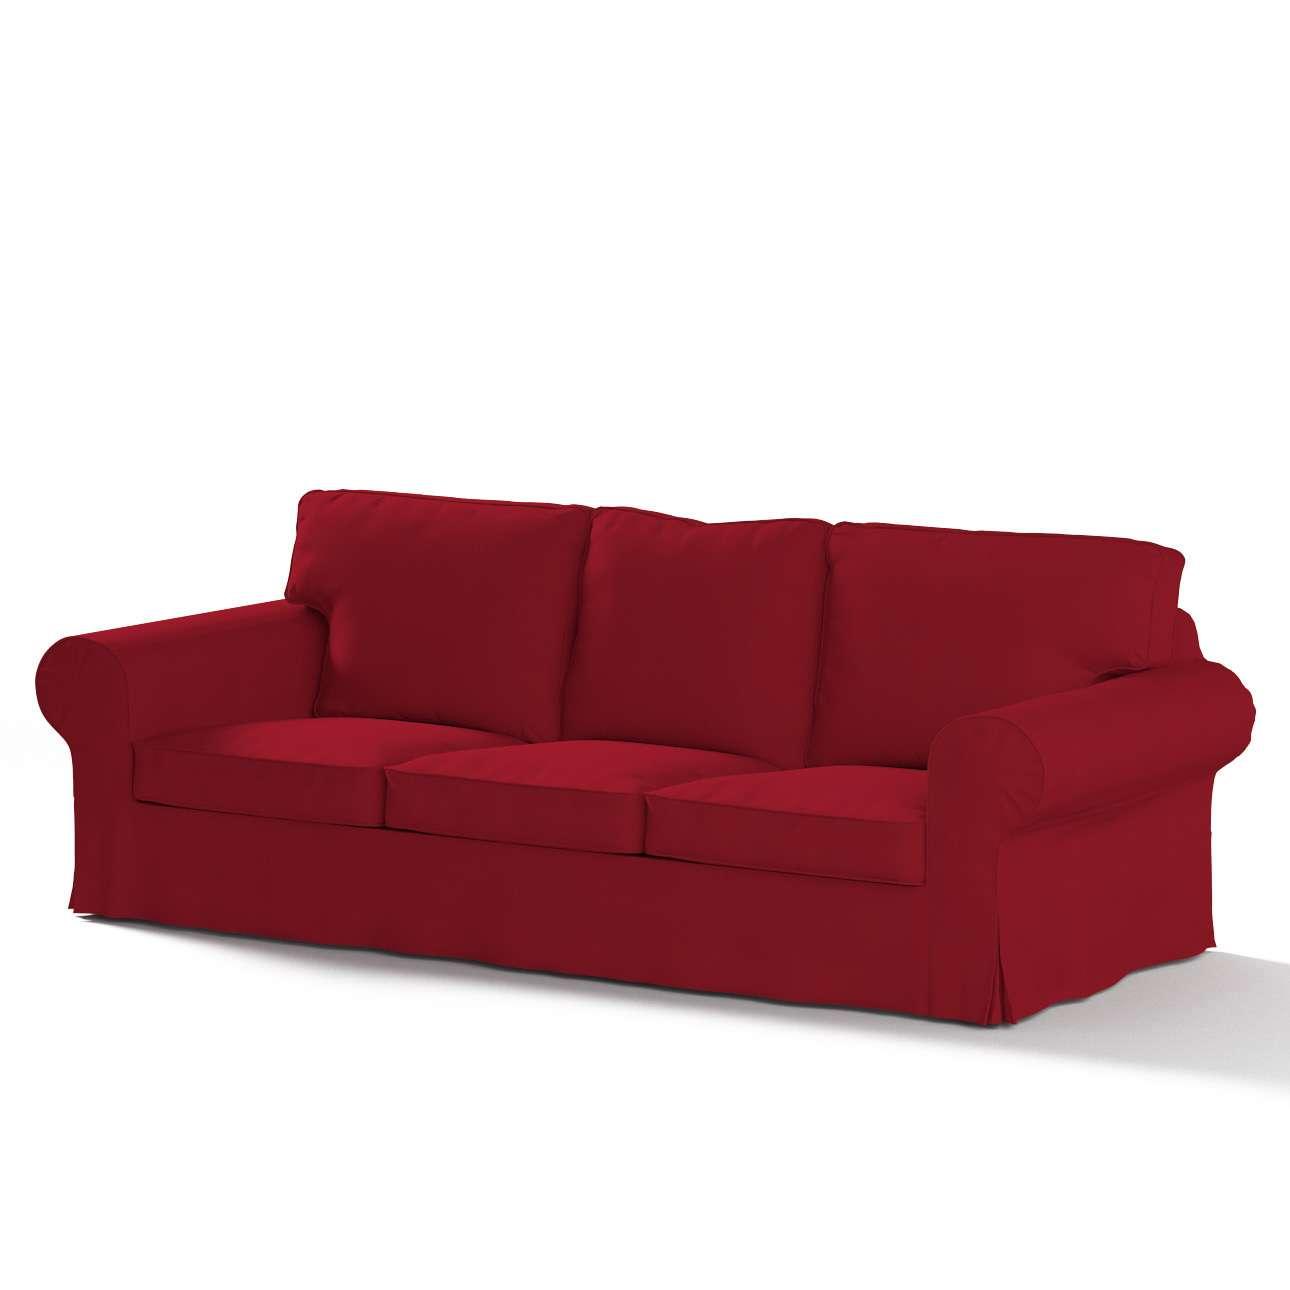 Ektorp trivietės sofos užvalkalas Ektorp trivietės sofos užvalkalas kolekcijoje Chenille, audinys: 702-24